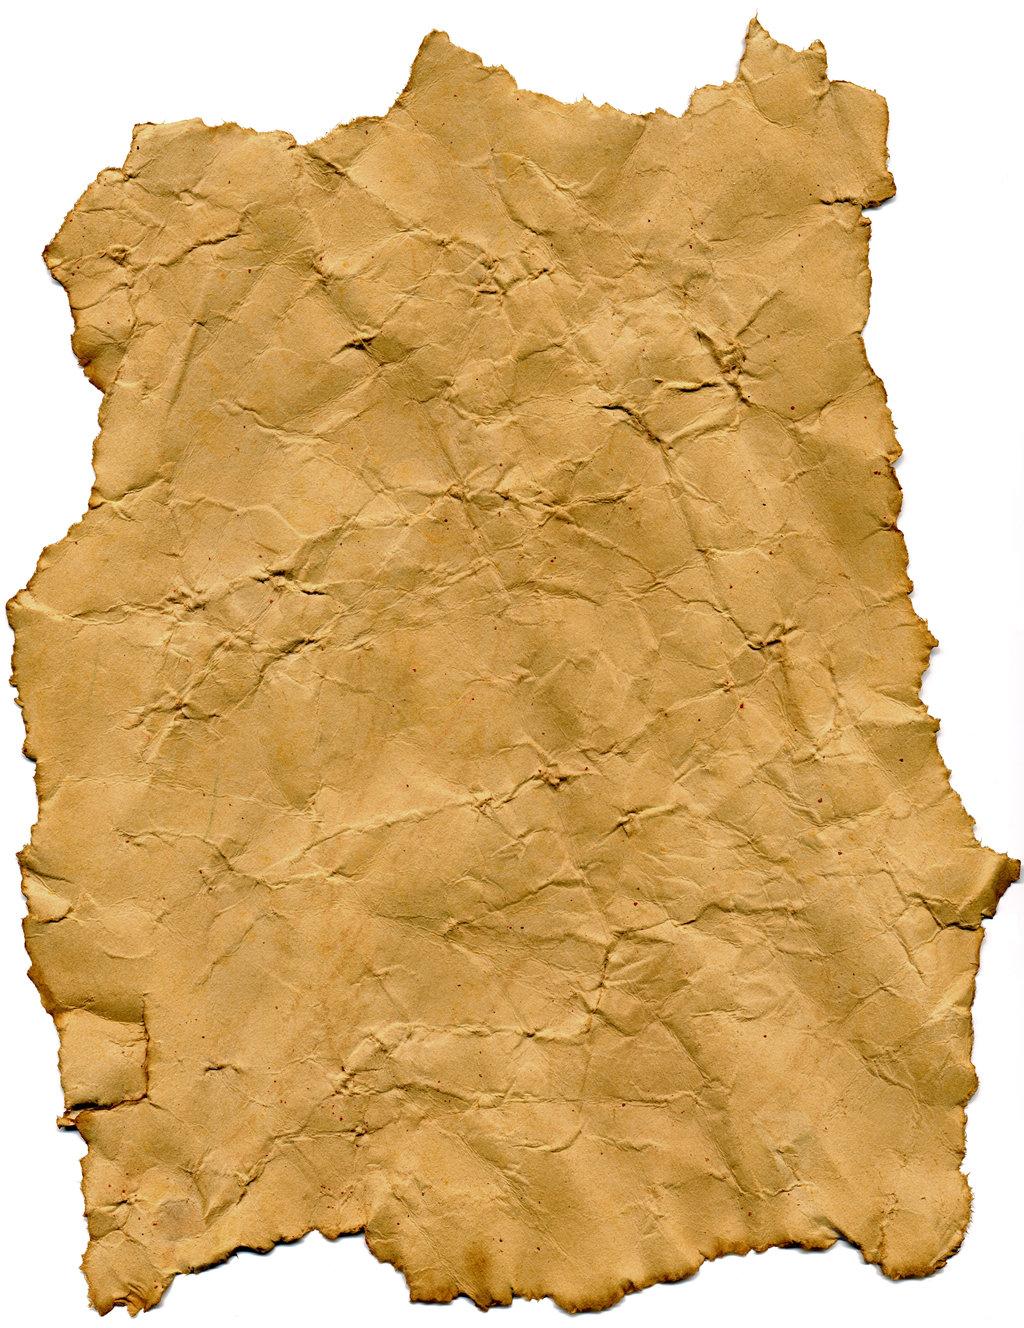 http://2.bp.blogspot.com/-1S29wWtOPiw/Tfpqm2kfQOI/AAAAAAAADT4/1Zn89XQ-xJU/s1600/old+paper.jpg